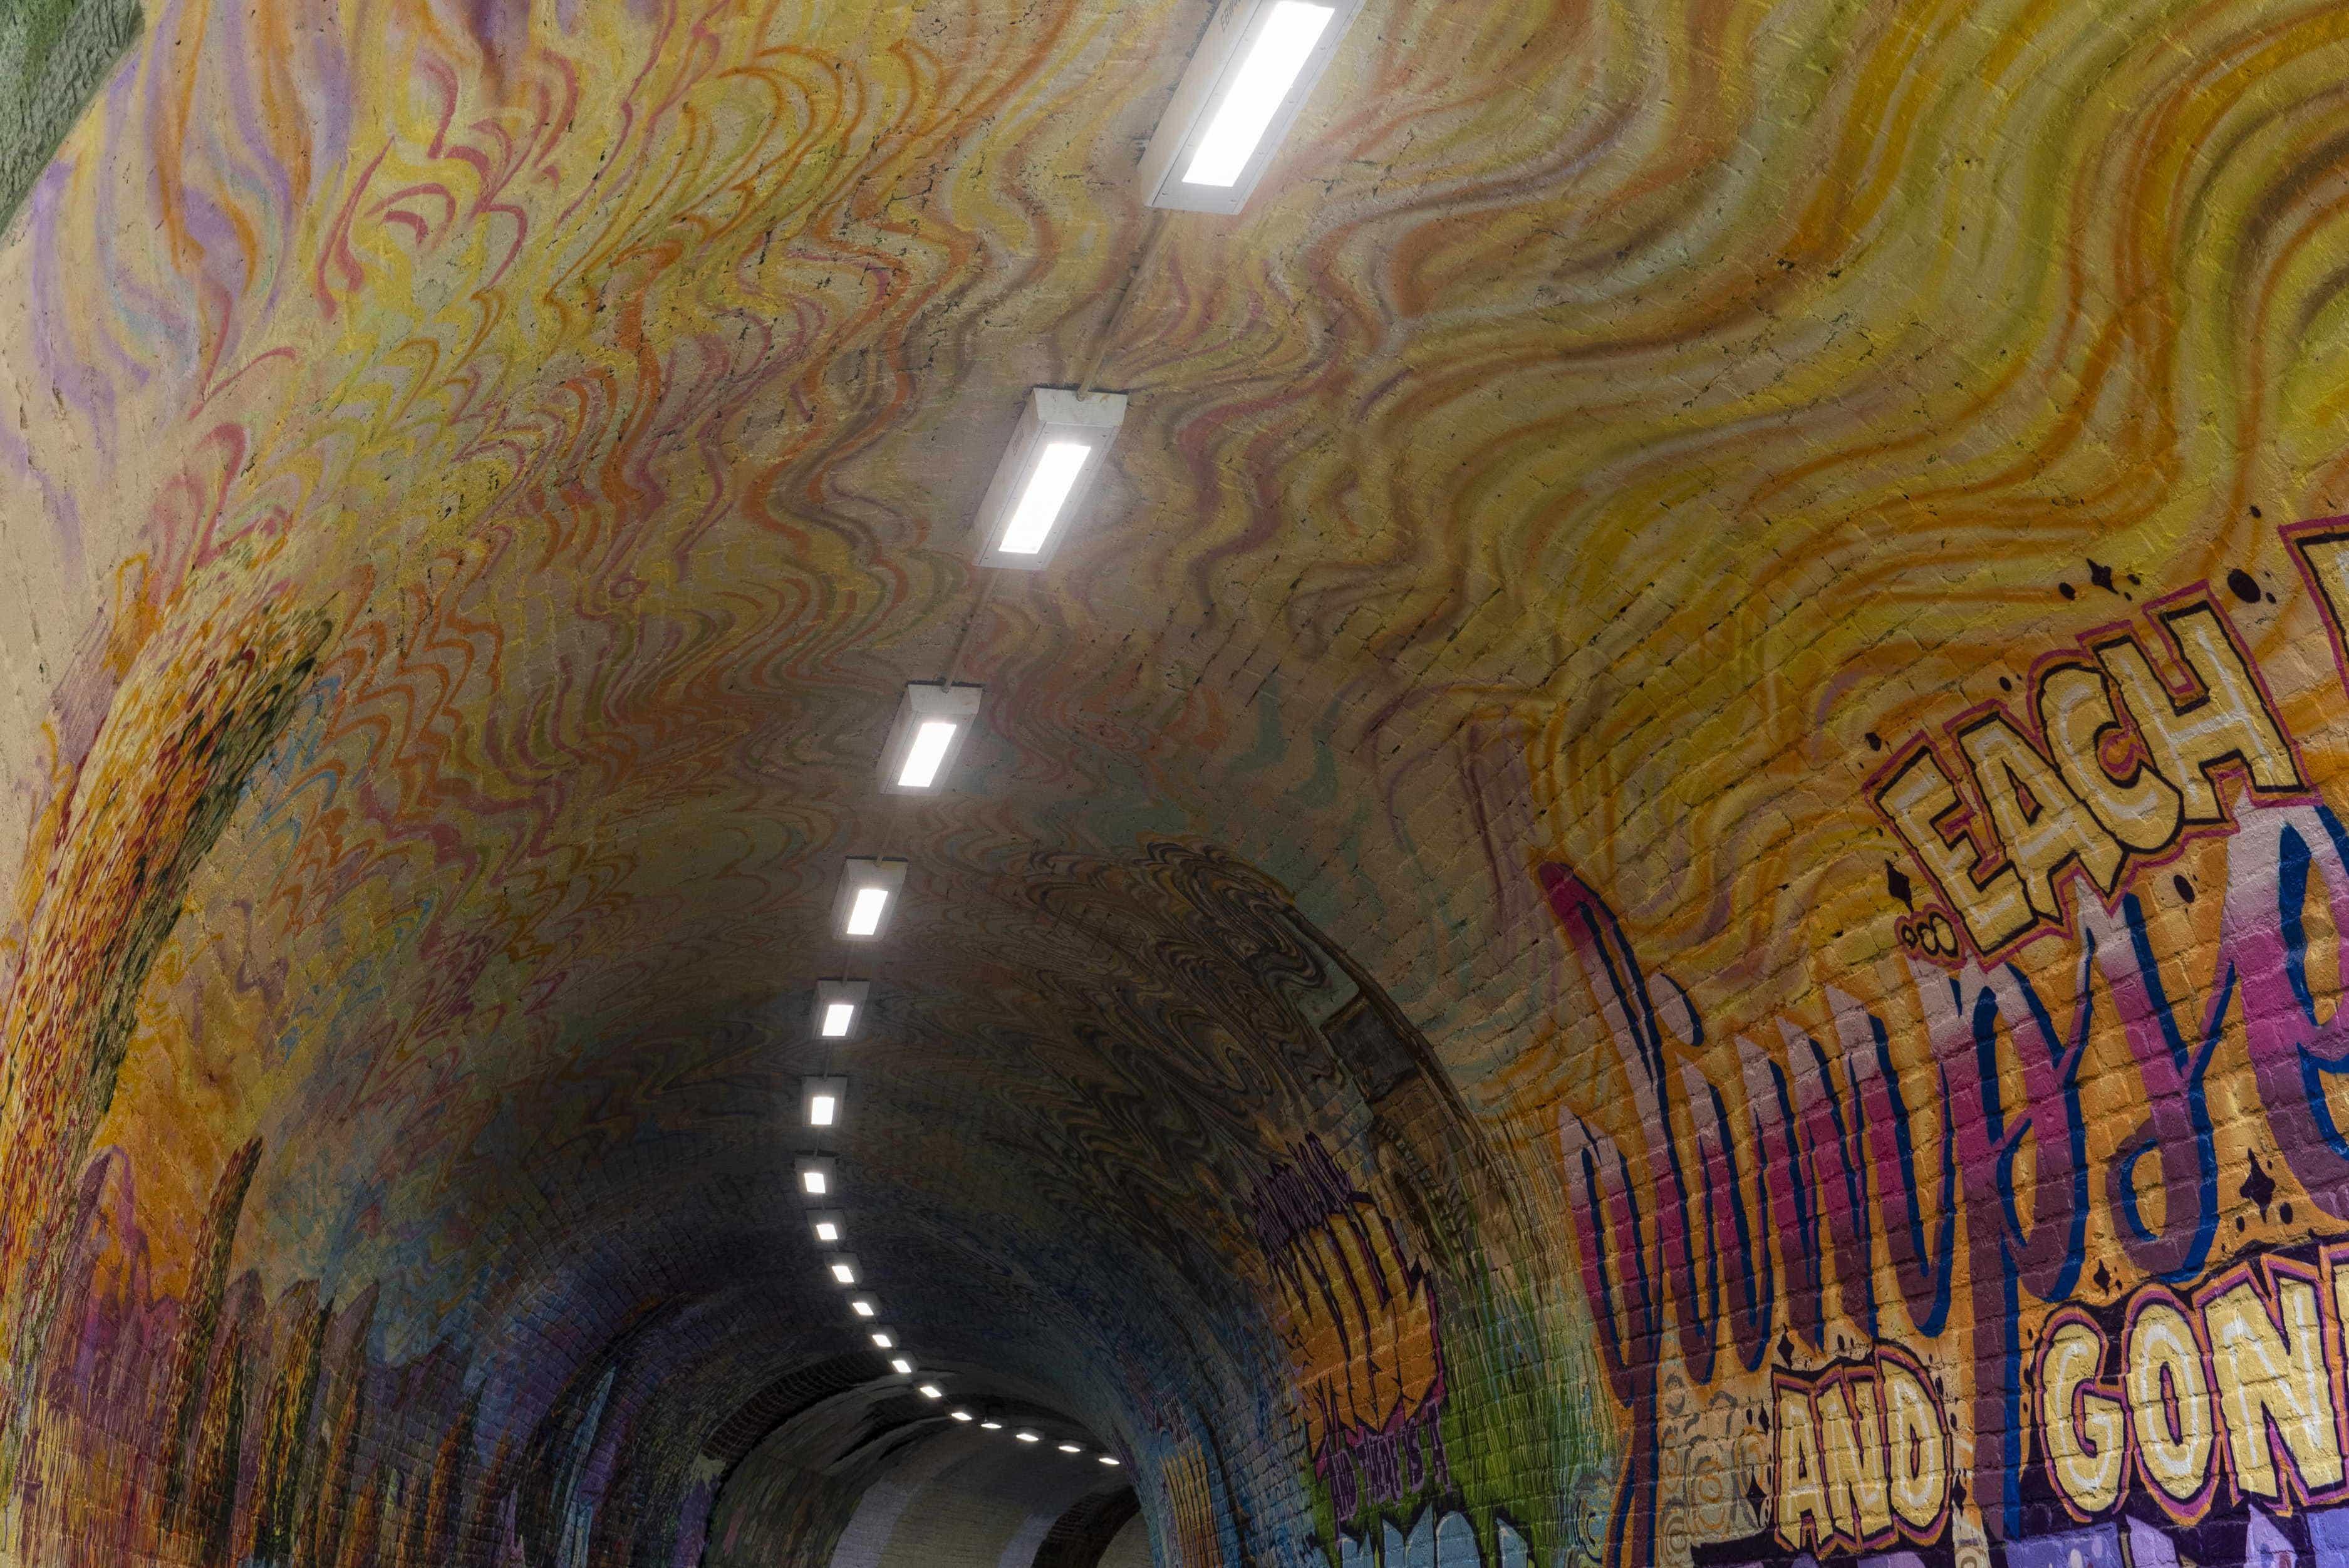 Colinton Tunnel - Titan (4)